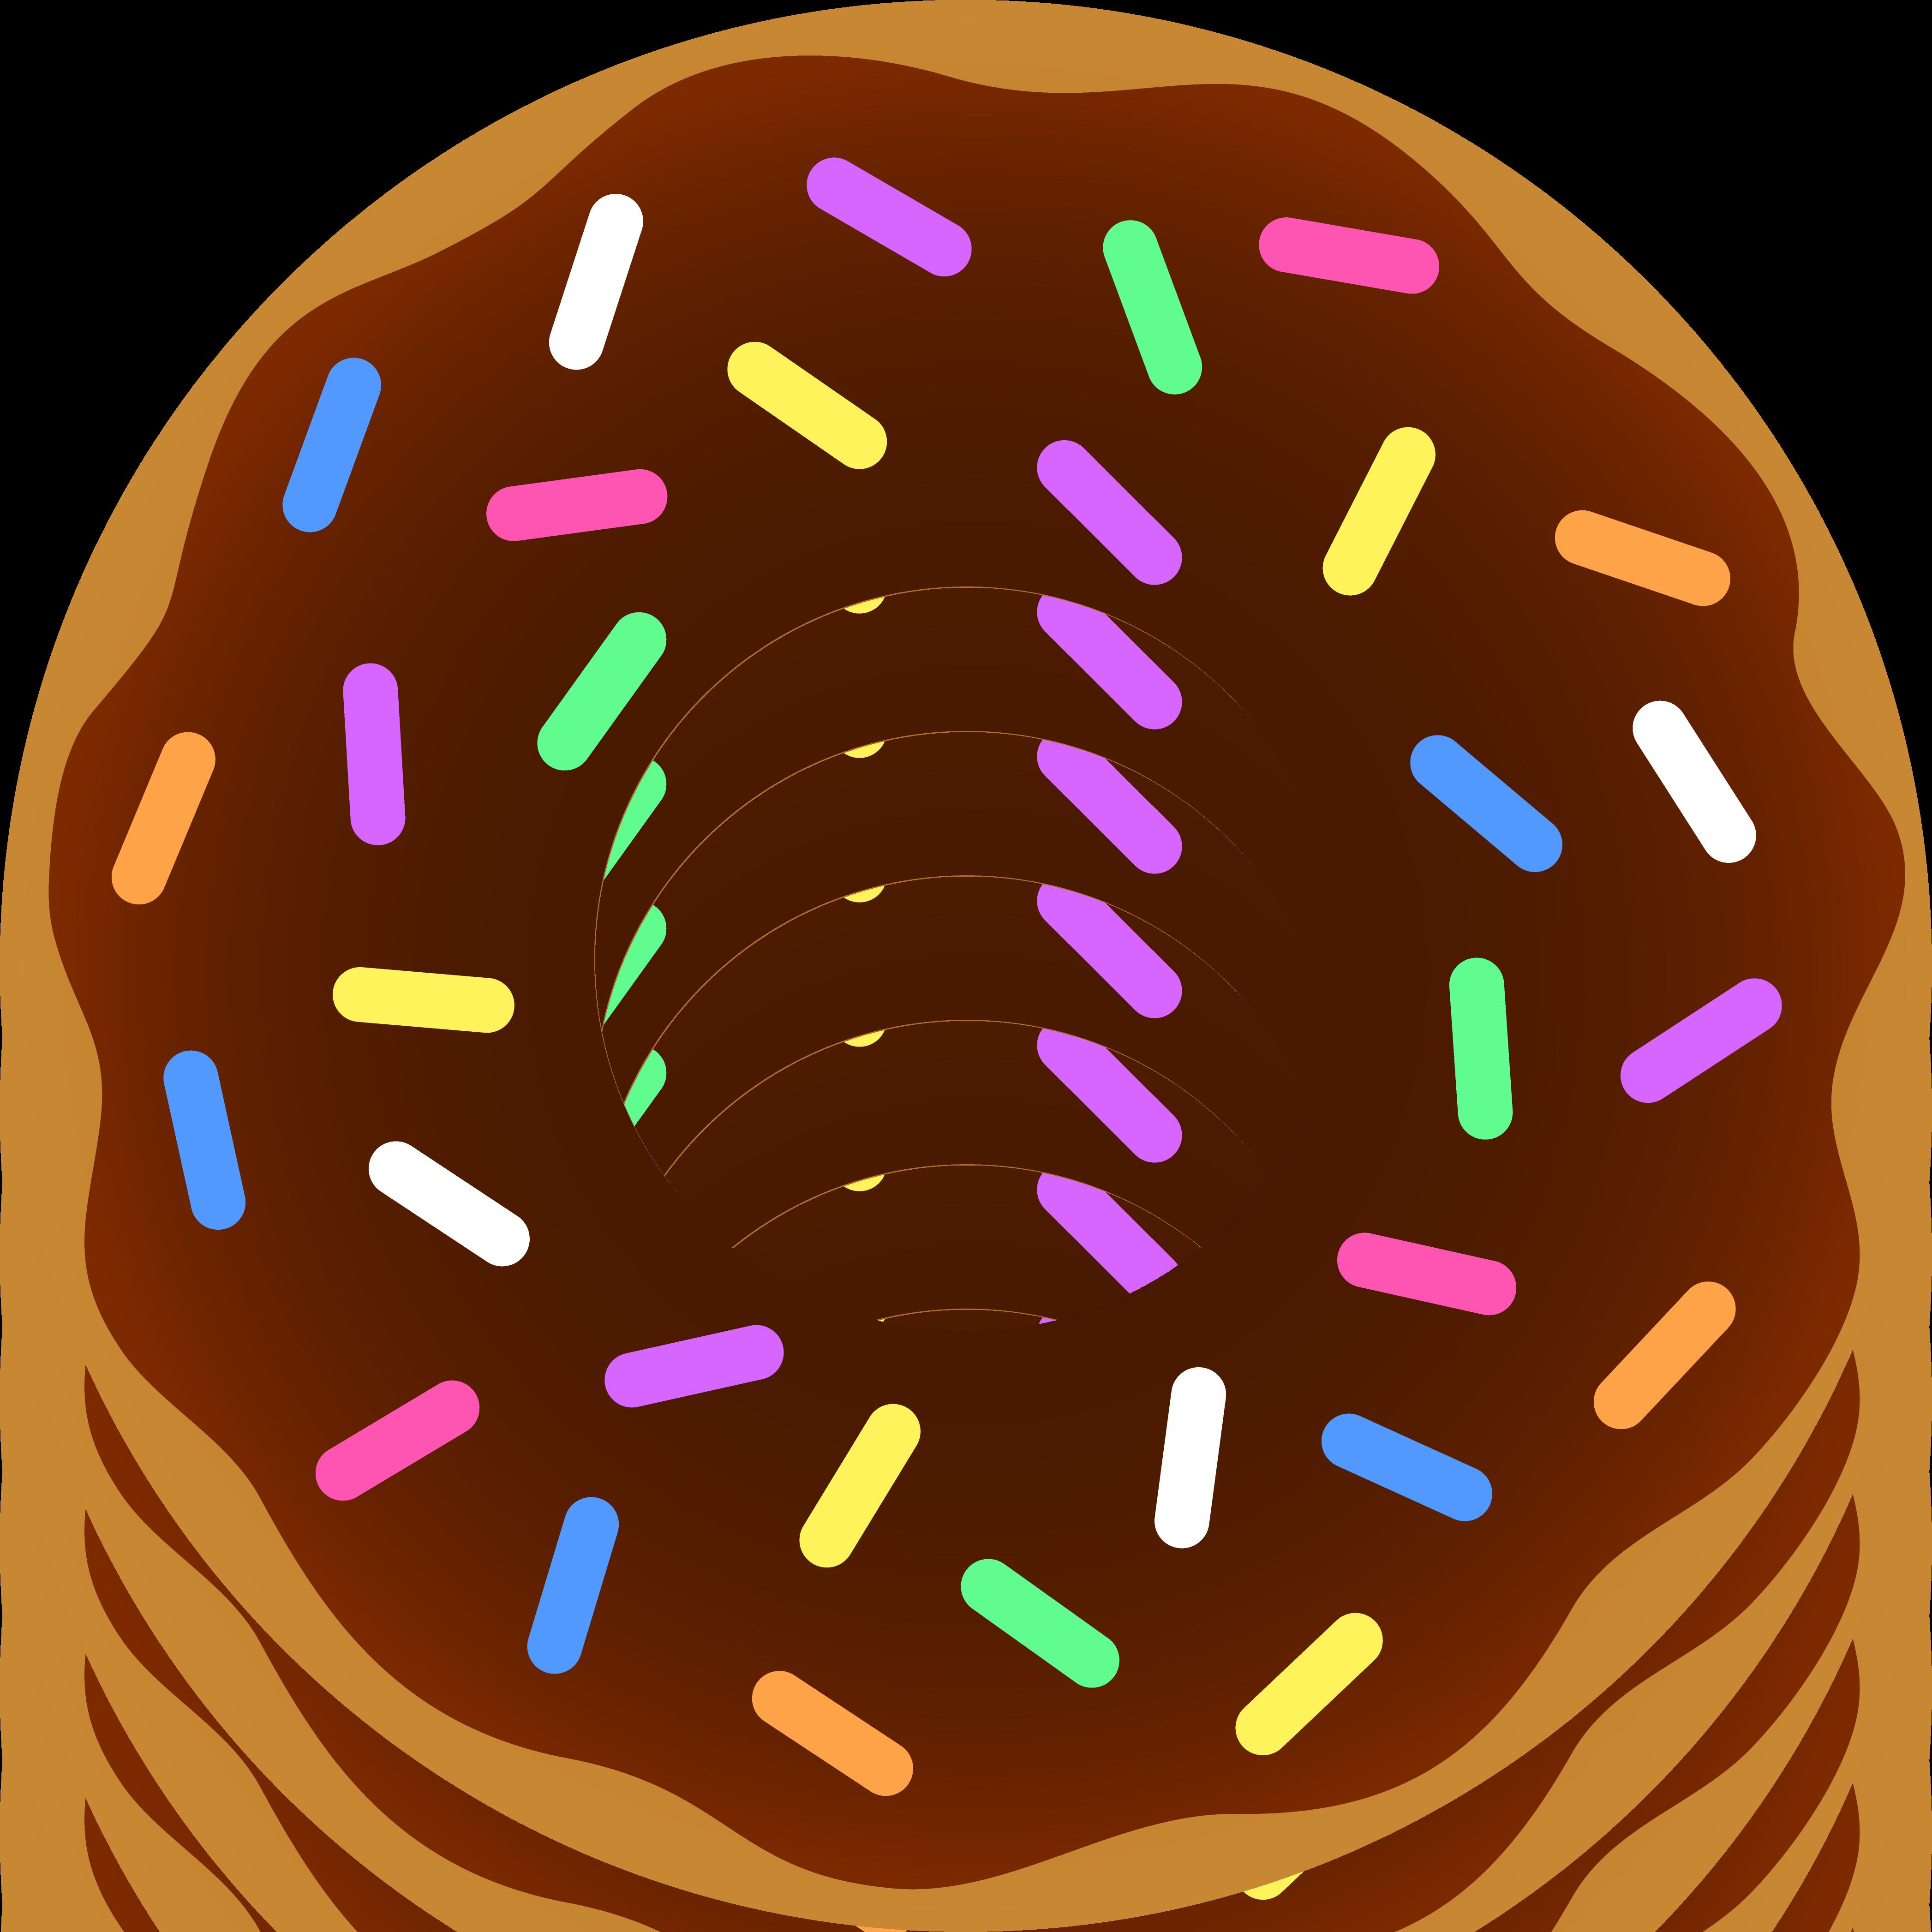 Donut Clip Art U0026amp; Donut Clip Art -Donut Clip Art u0026amp; Donut Clip Art Clip Art Images - ClipartALL clipartall.com-5